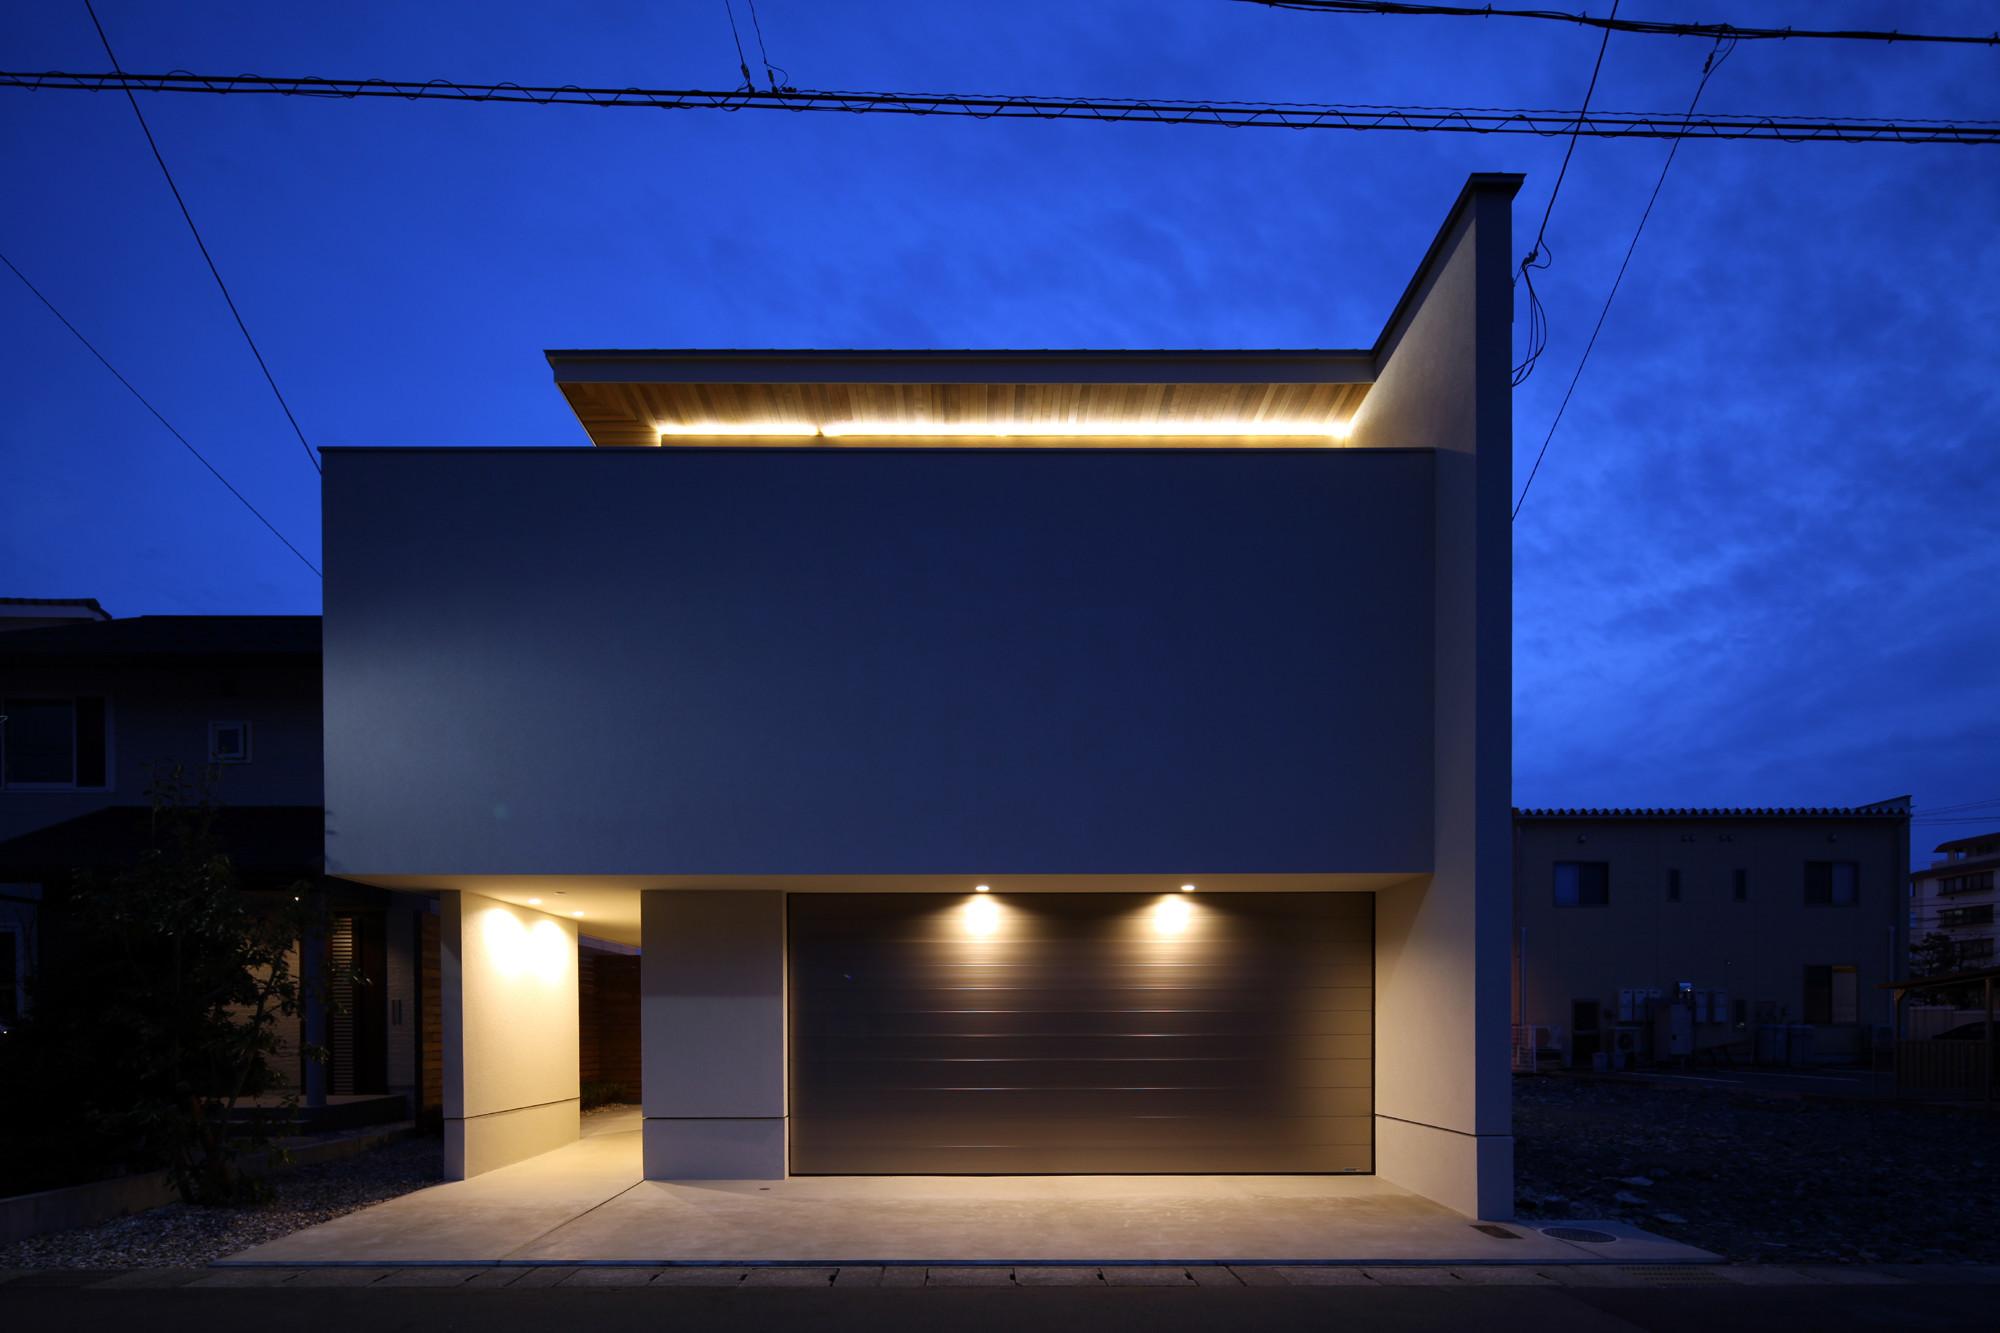 印象的な品のある照明計画としました。 | 囲台の家(うてなのいえ)